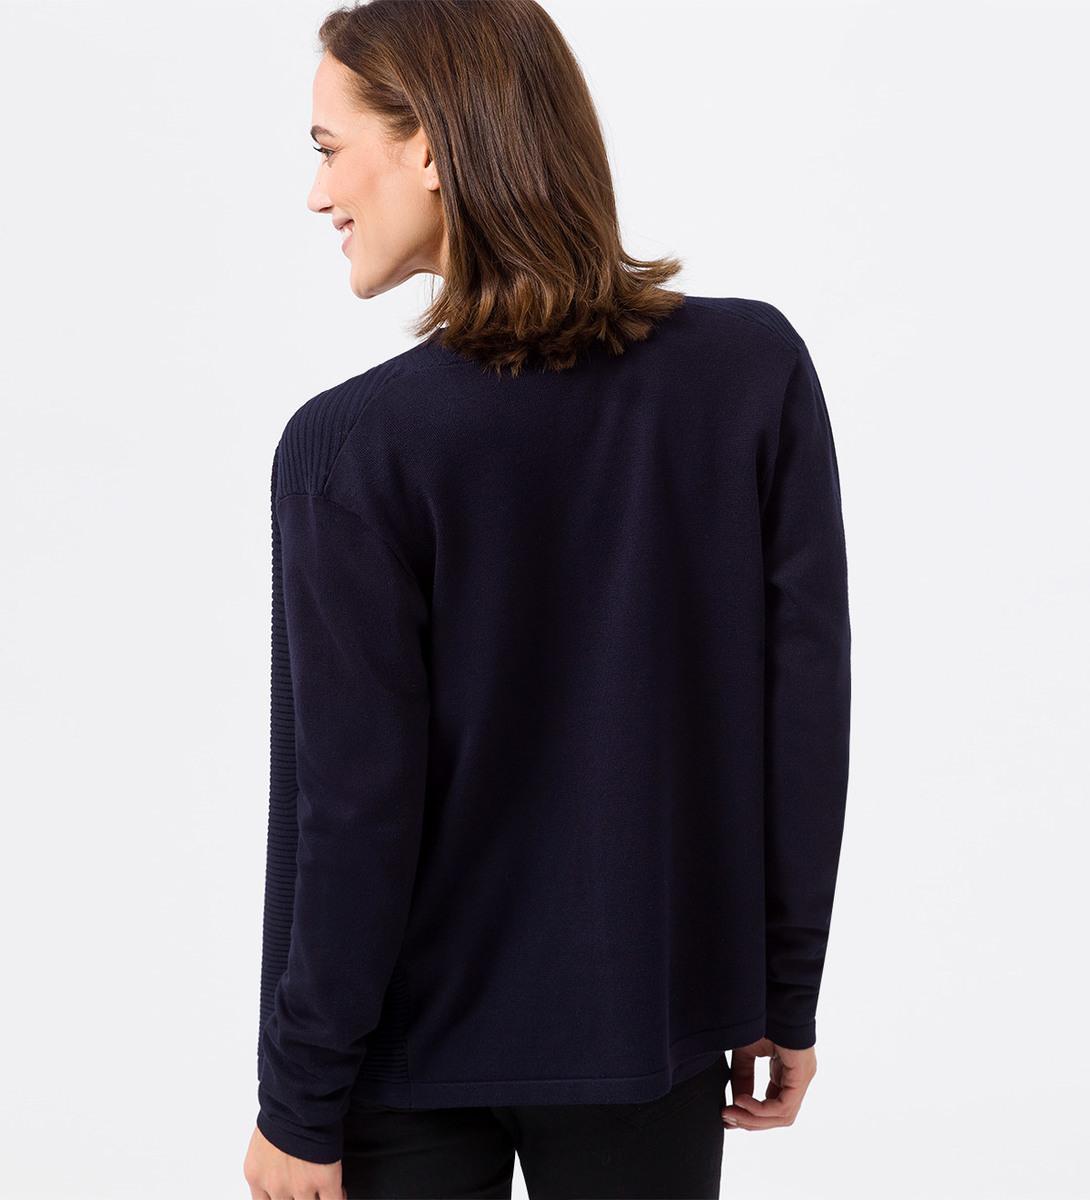 Cardigan im verschlusslosen Design in blue black